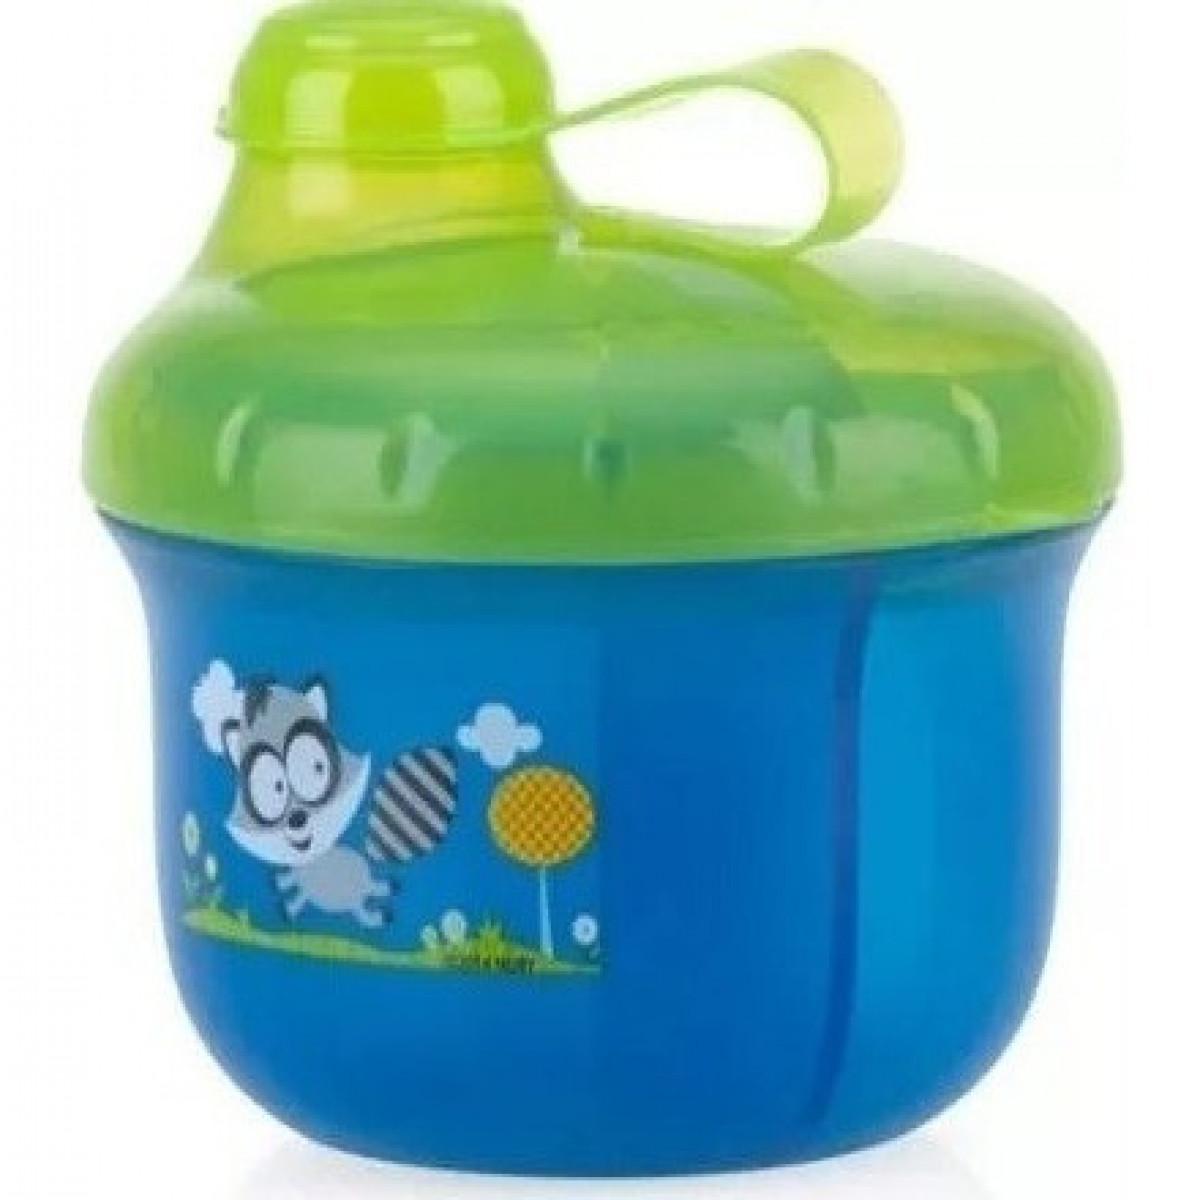 Dispenser de leche  Nuby azul